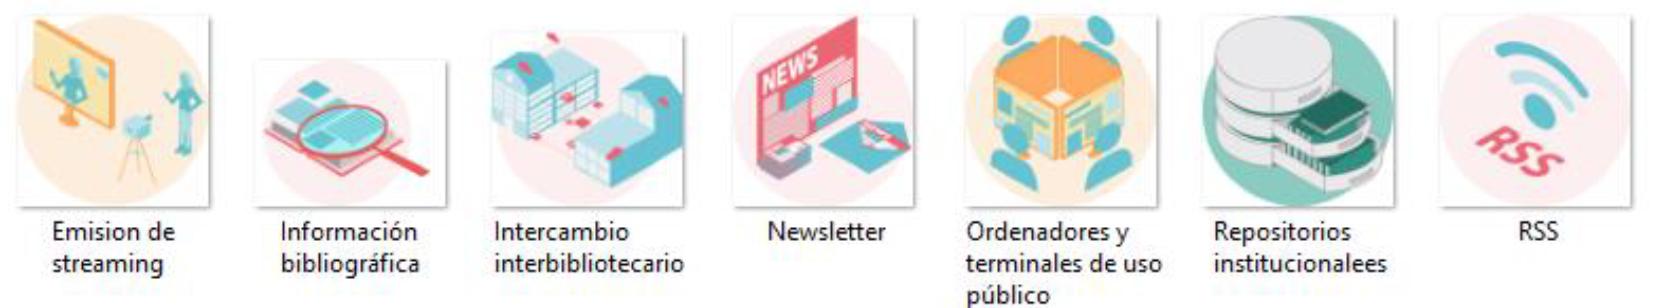 Infografía Servicios Digitales de Bibliotecas